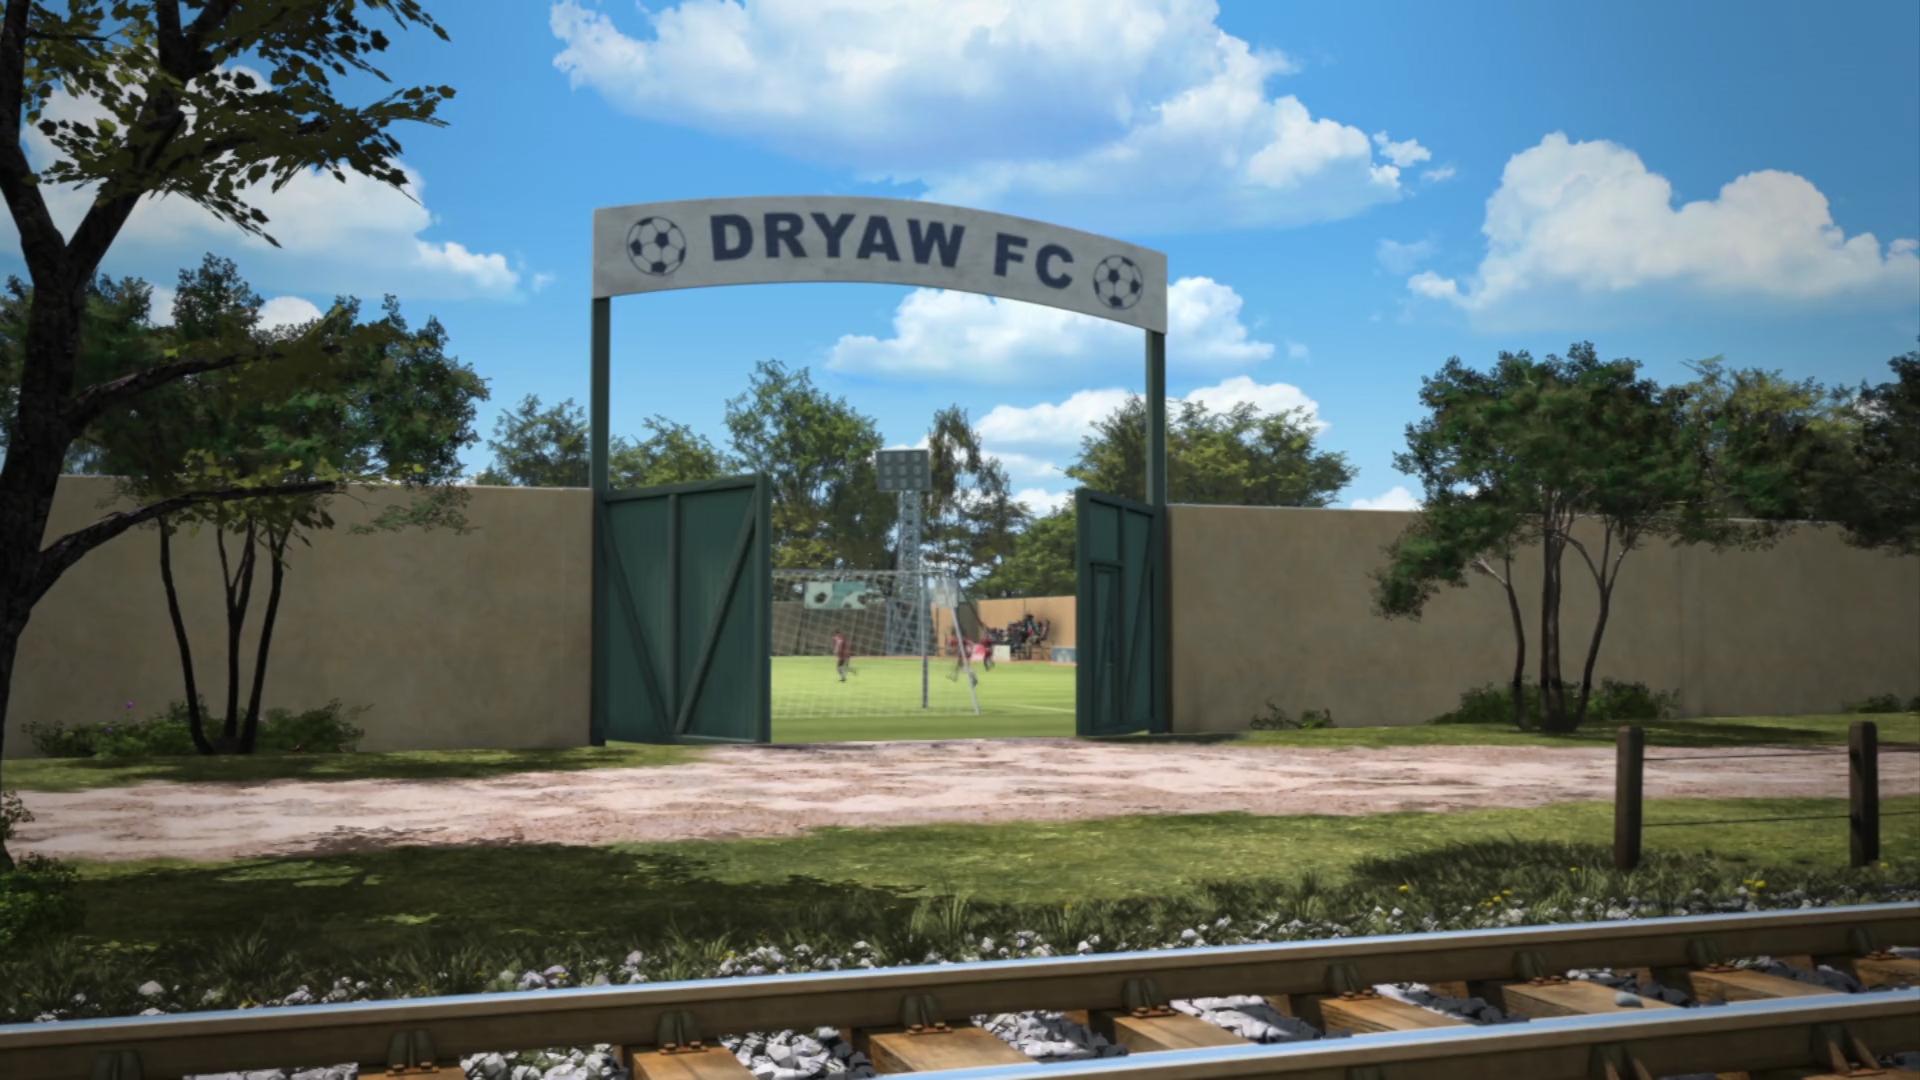 Dryaw FC